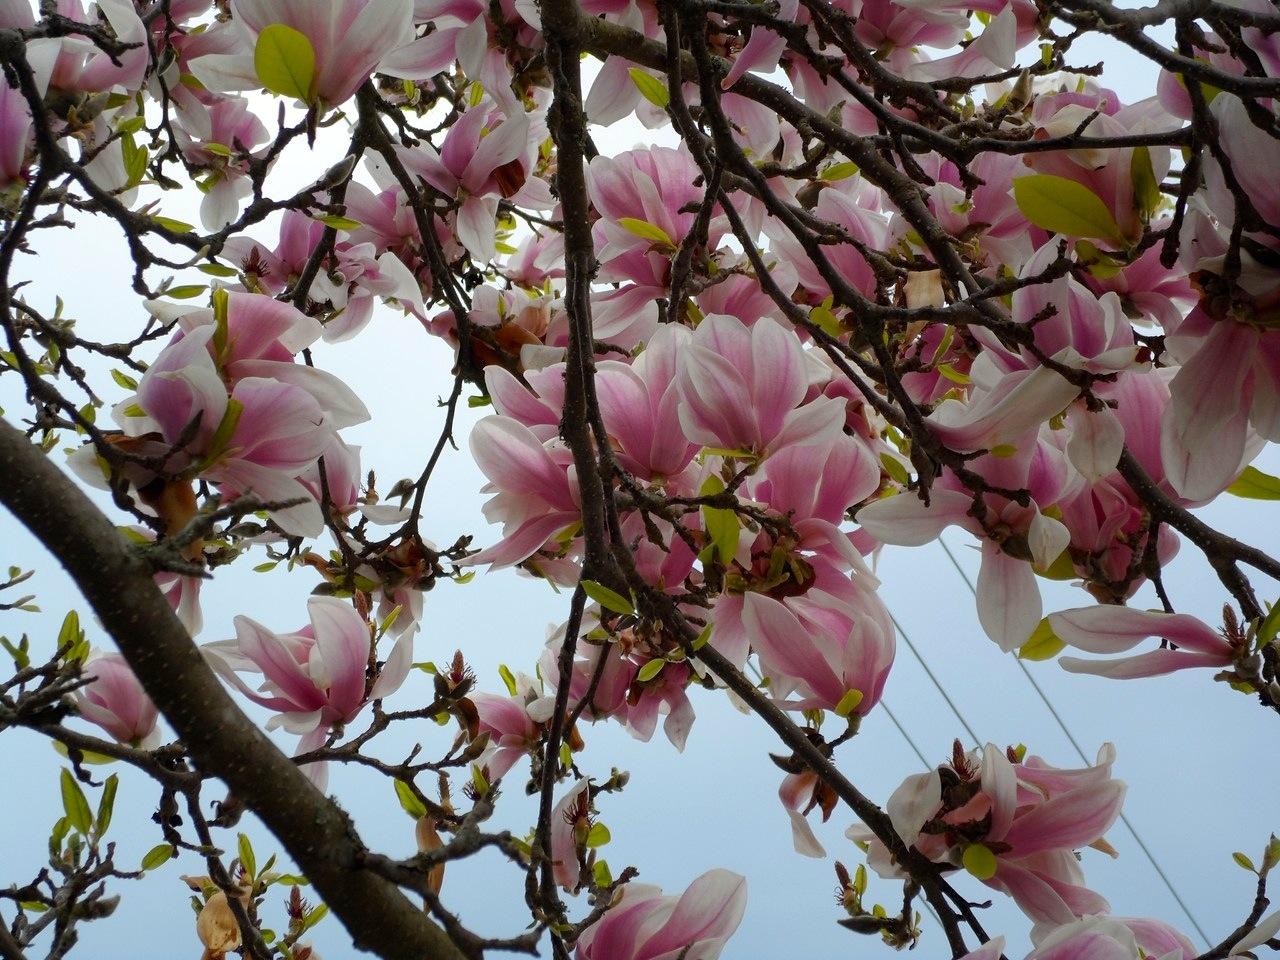 Magnolia!